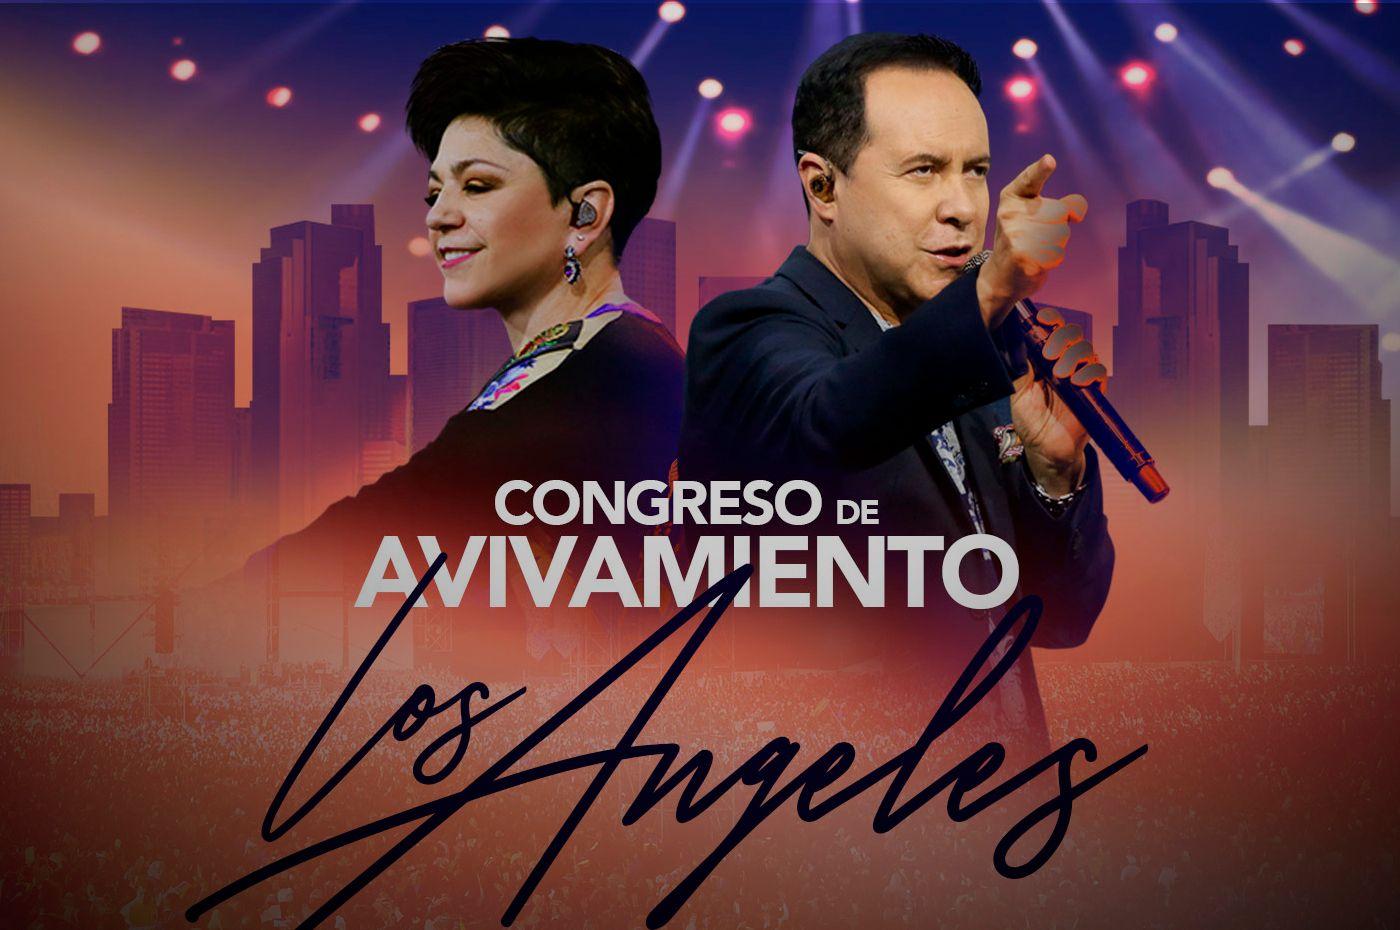 Este sábado congreso de Avivamiento en Los Ángeles